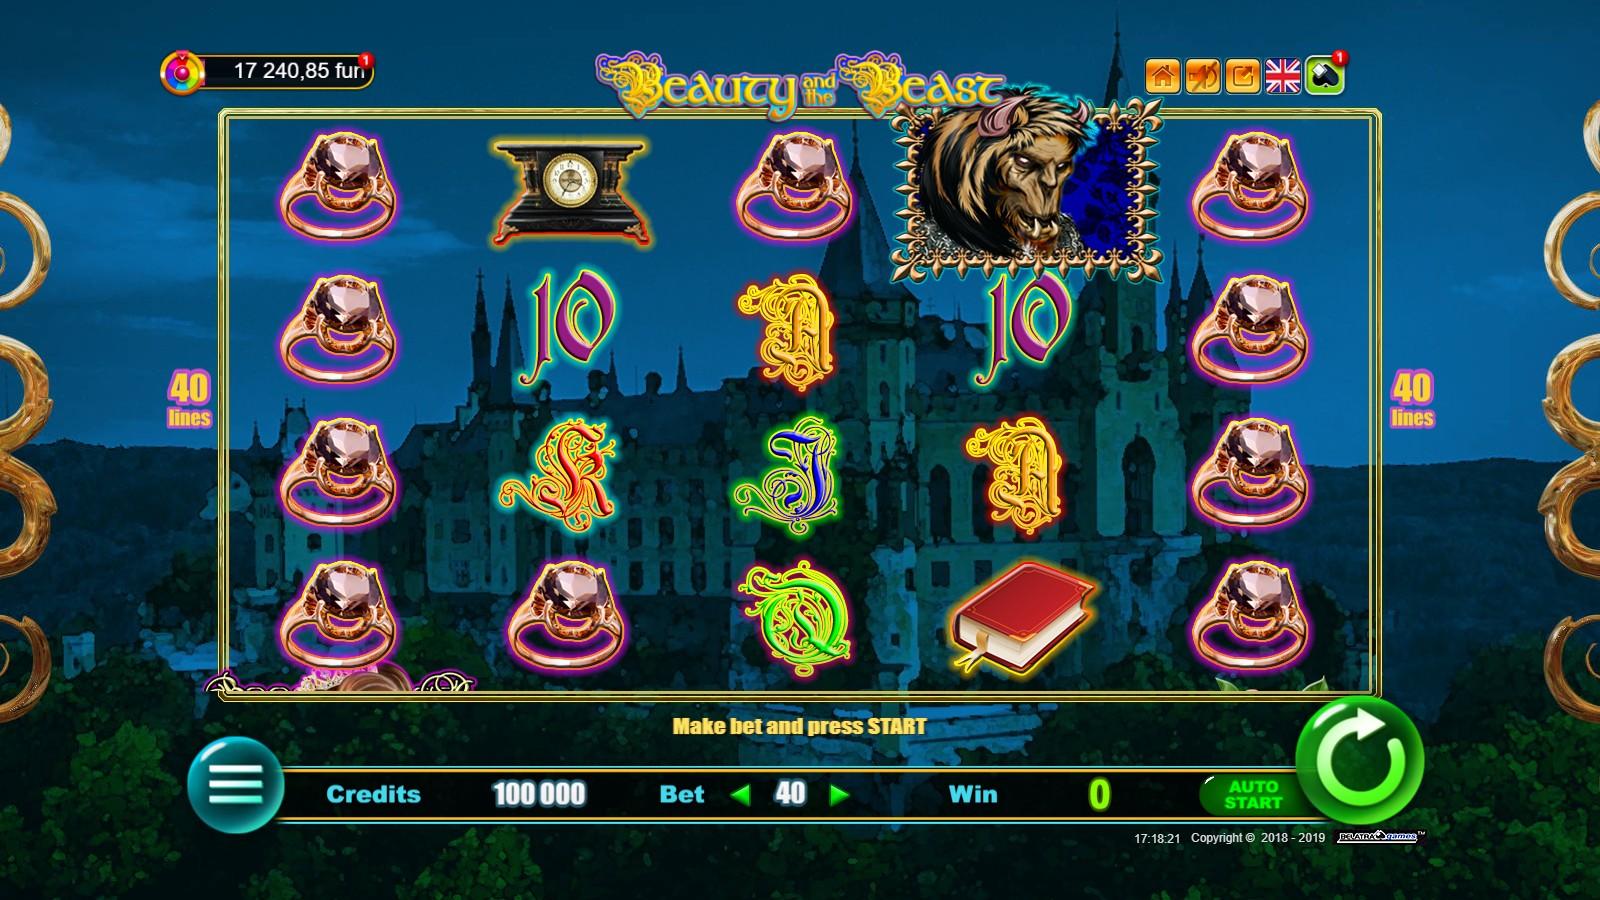 Игровой автомат Beauty and the Beast